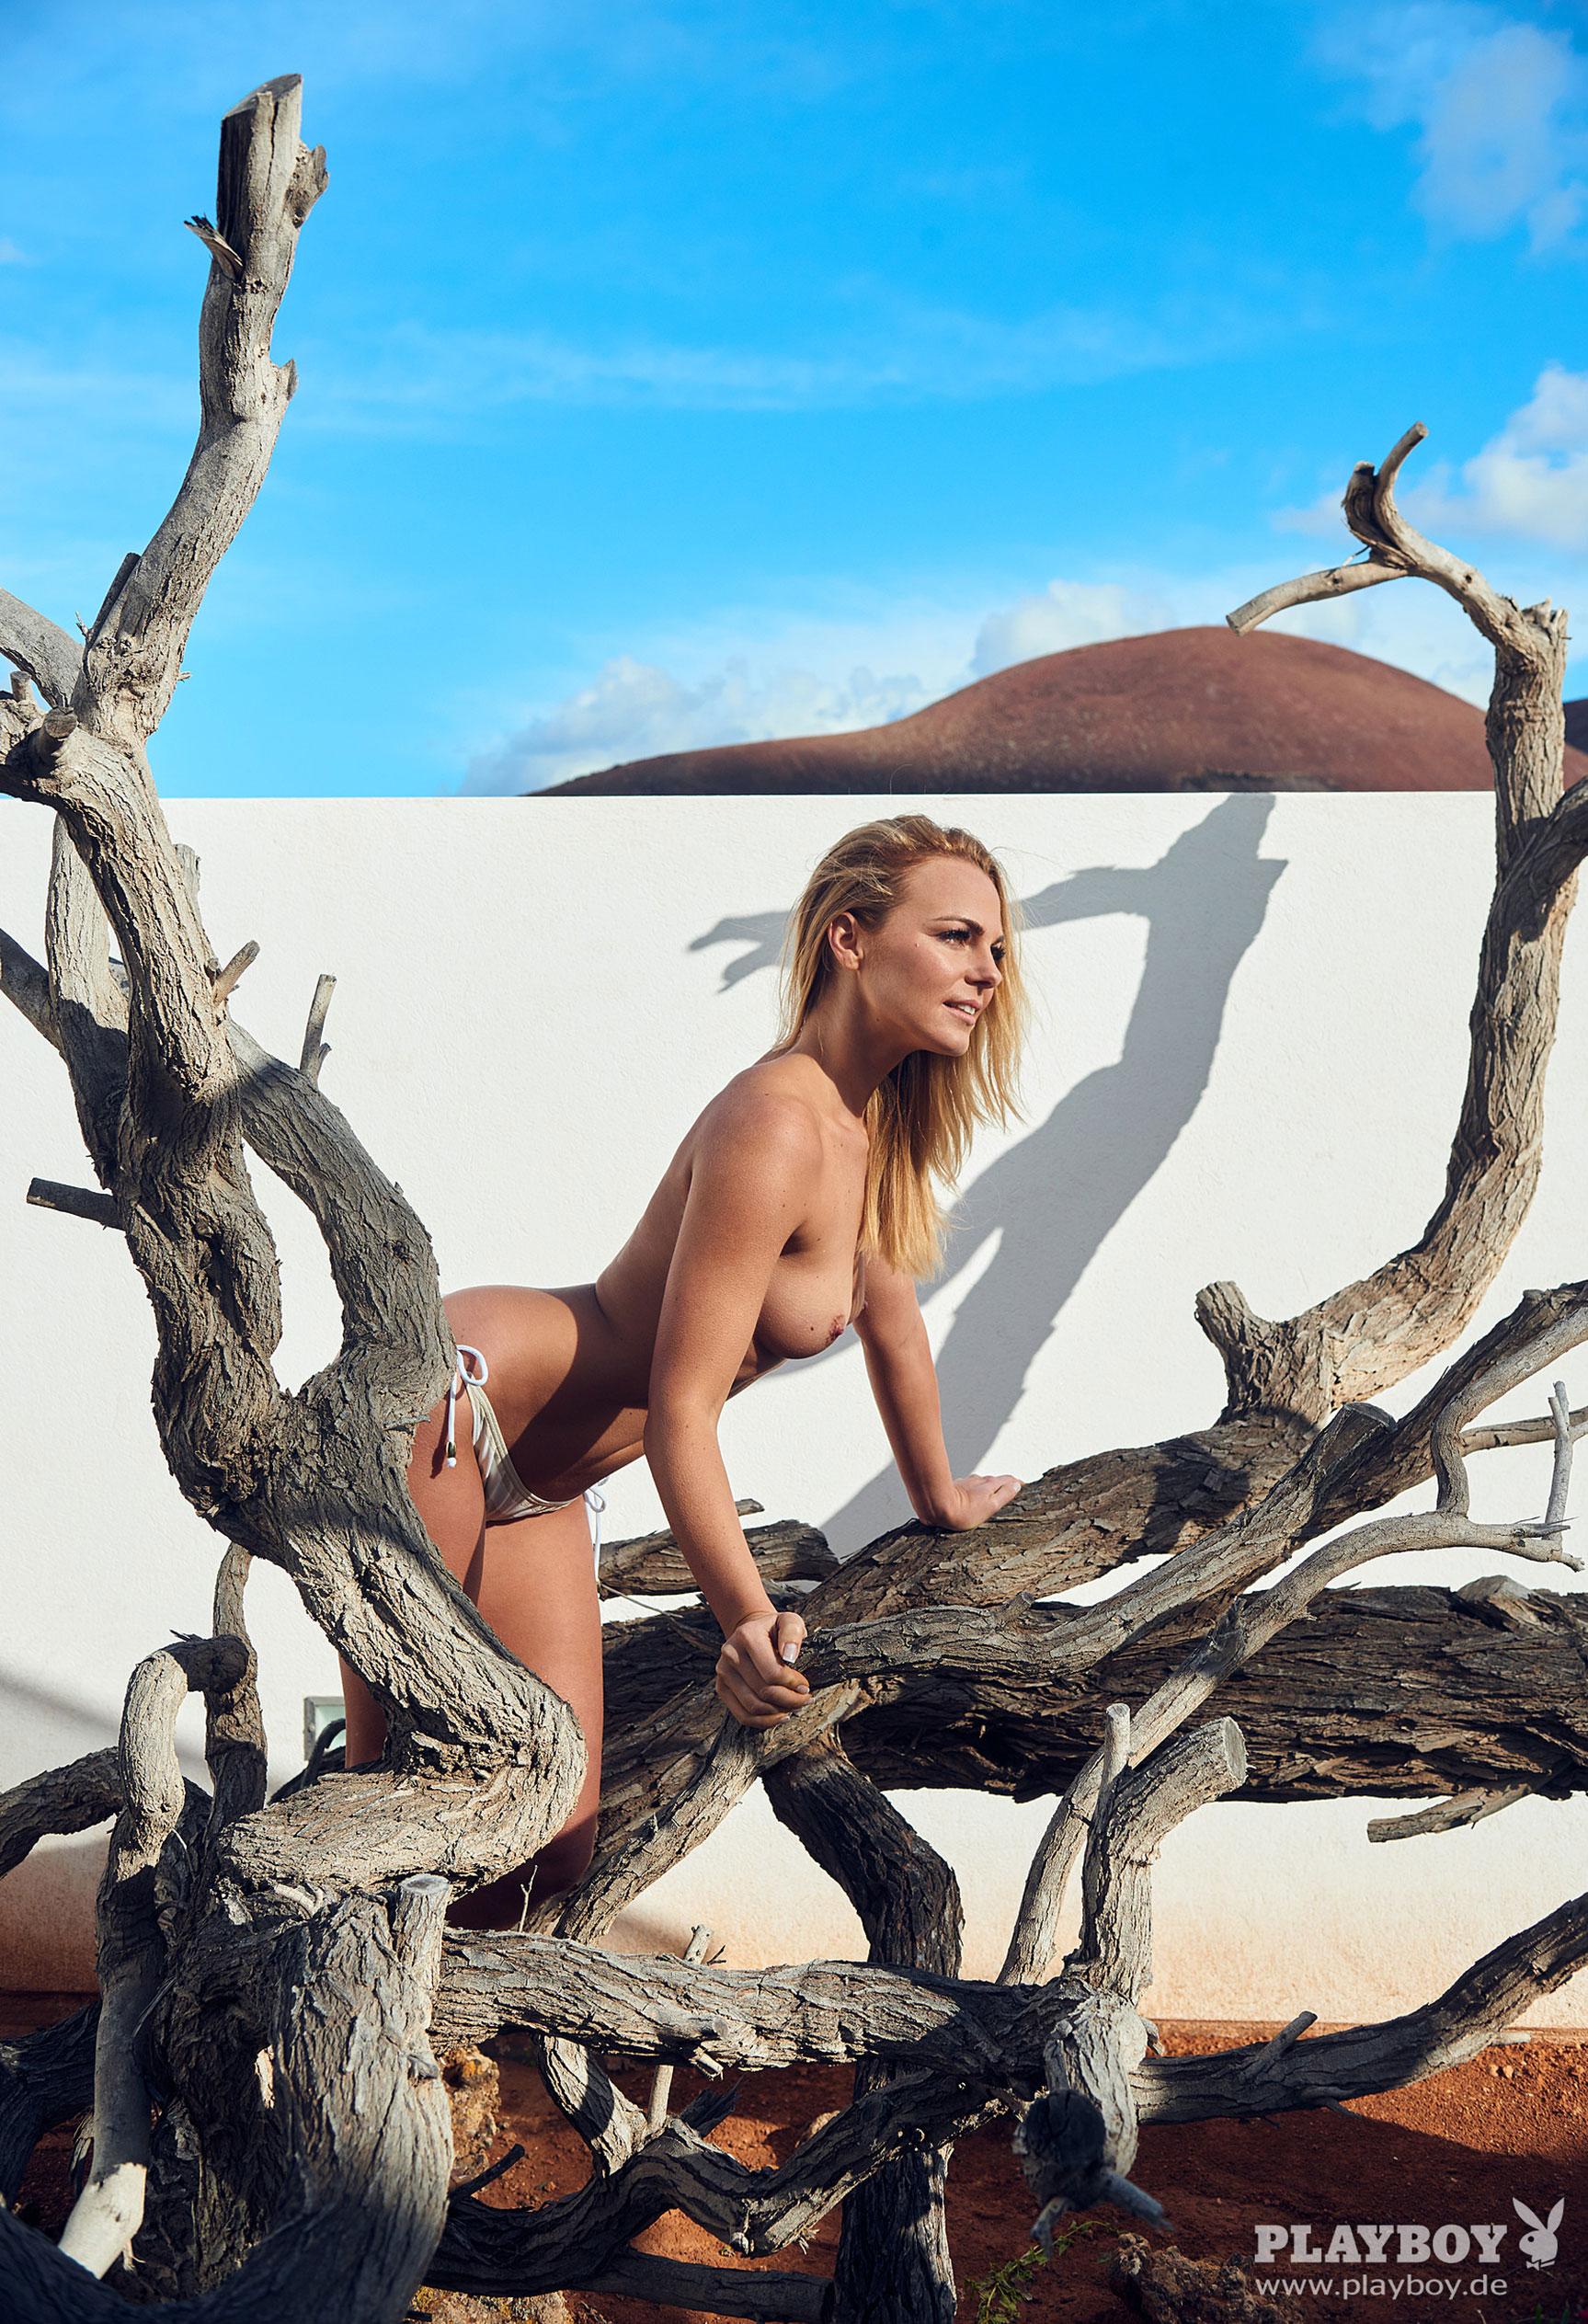 фитнес-модель и тренер, телезвезда Марейке Спалек в журнале Playboy Германия, апрель 2018 / фото 12